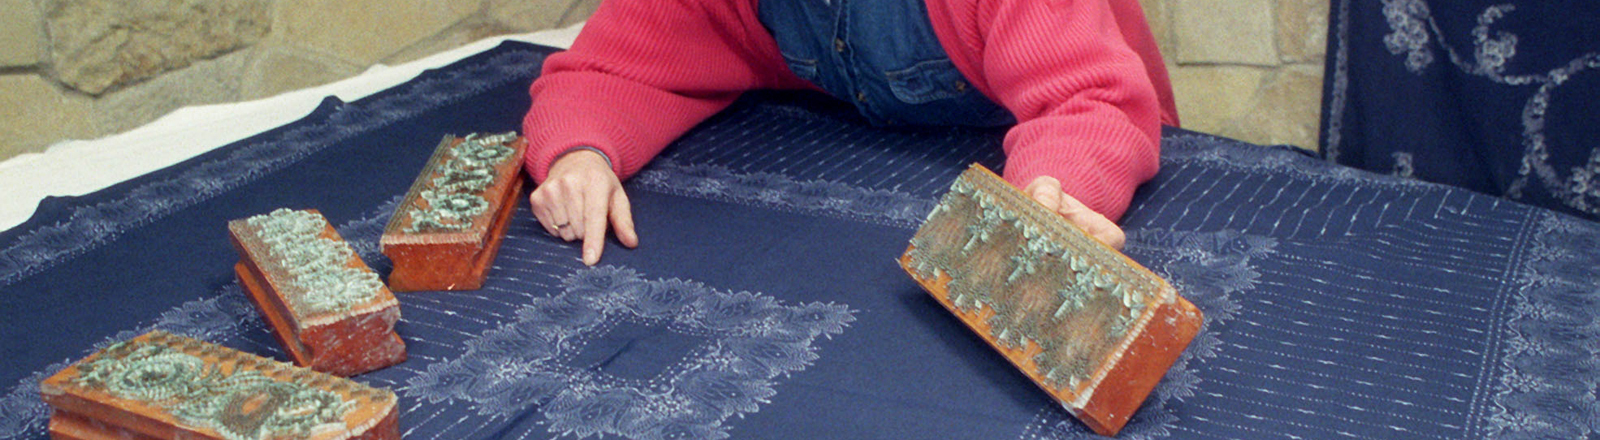 In seiner Werkstatt in Berlin-Rahnsdorf arbeitet Holger Starcken an Textilien